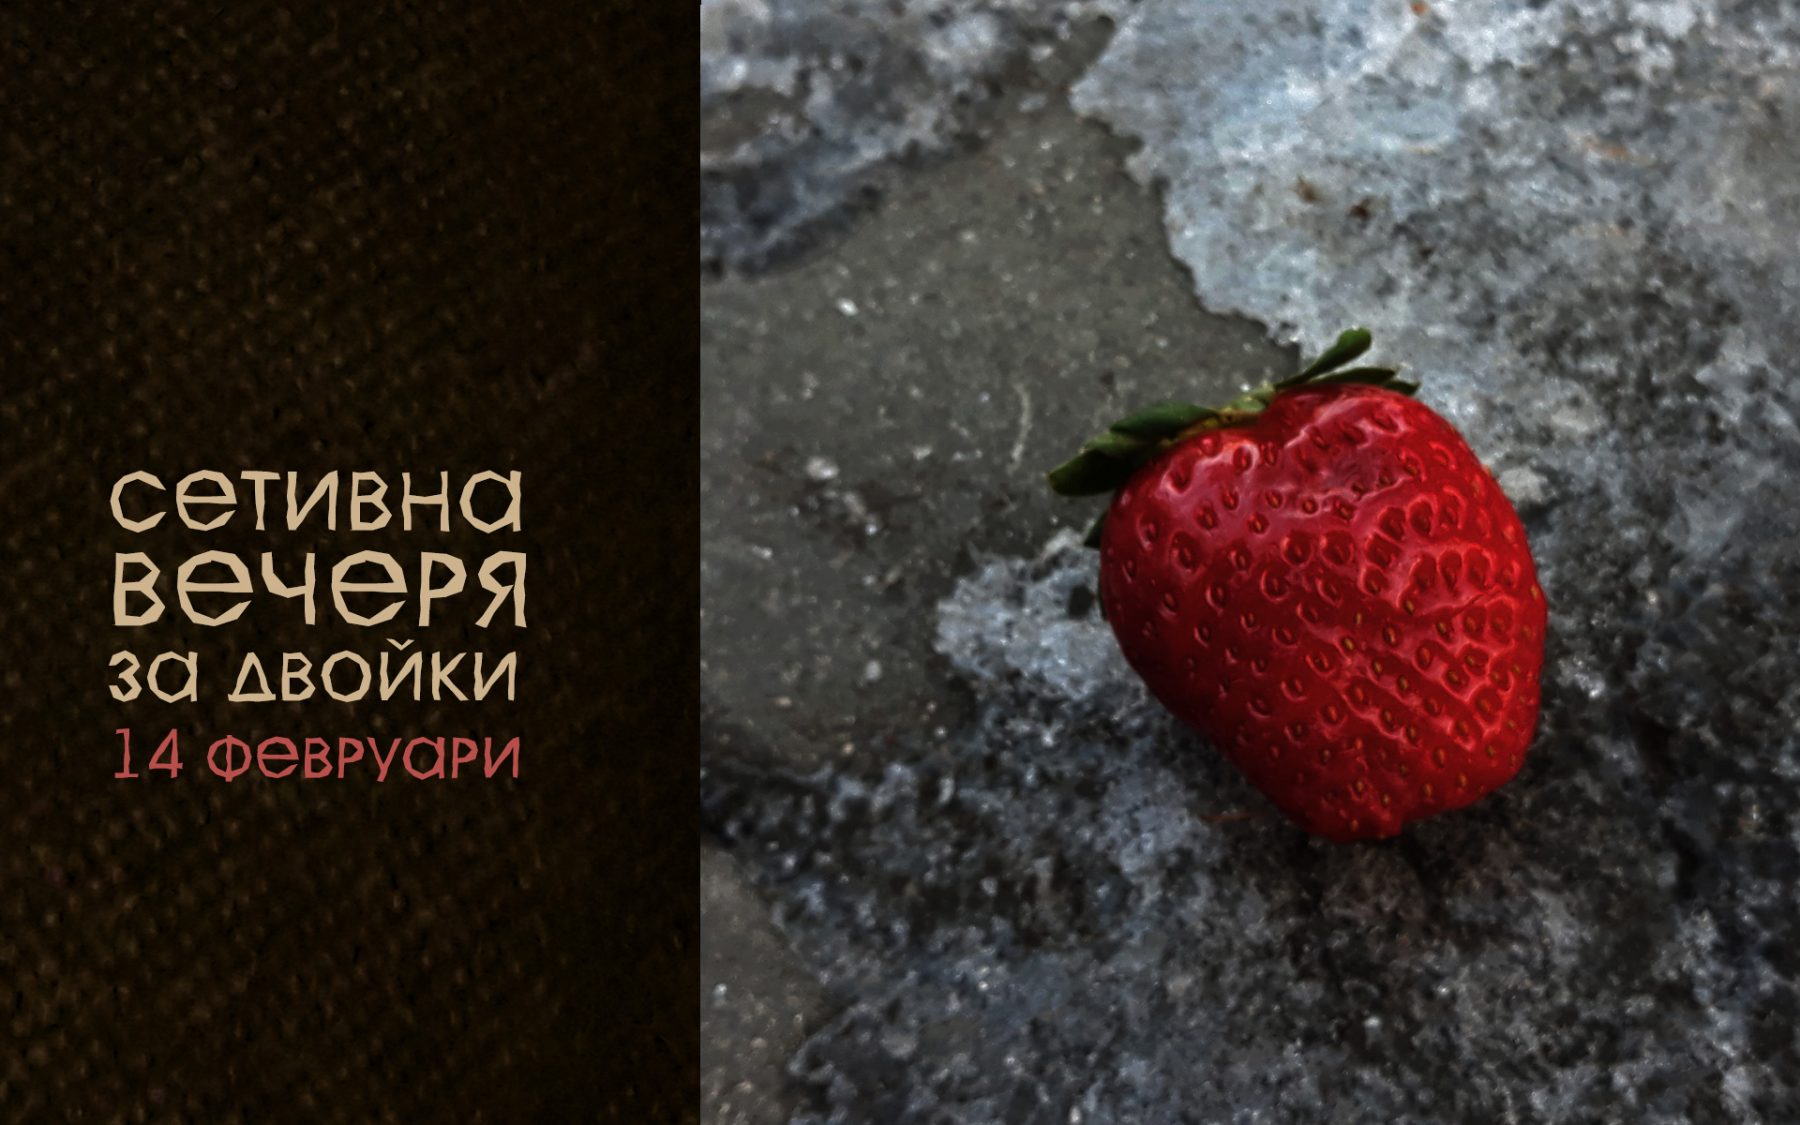 Сетивна-вечеря-2021-сайт